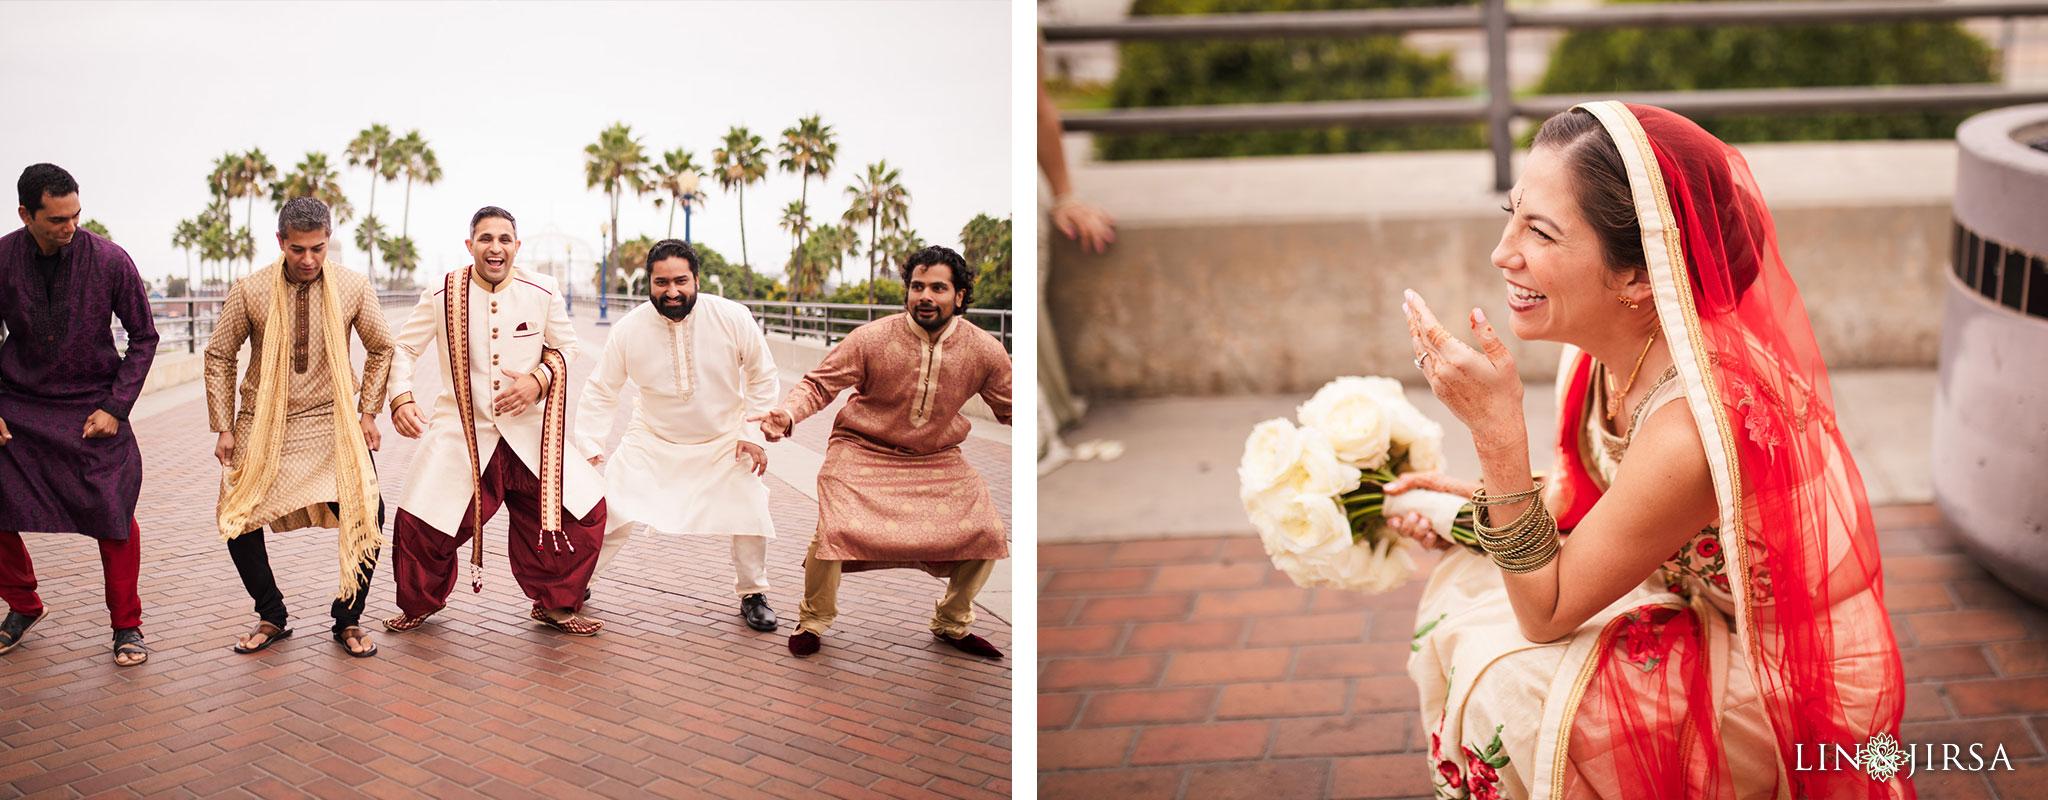 11 Hyatt Long Beach Indian Wedding Photography